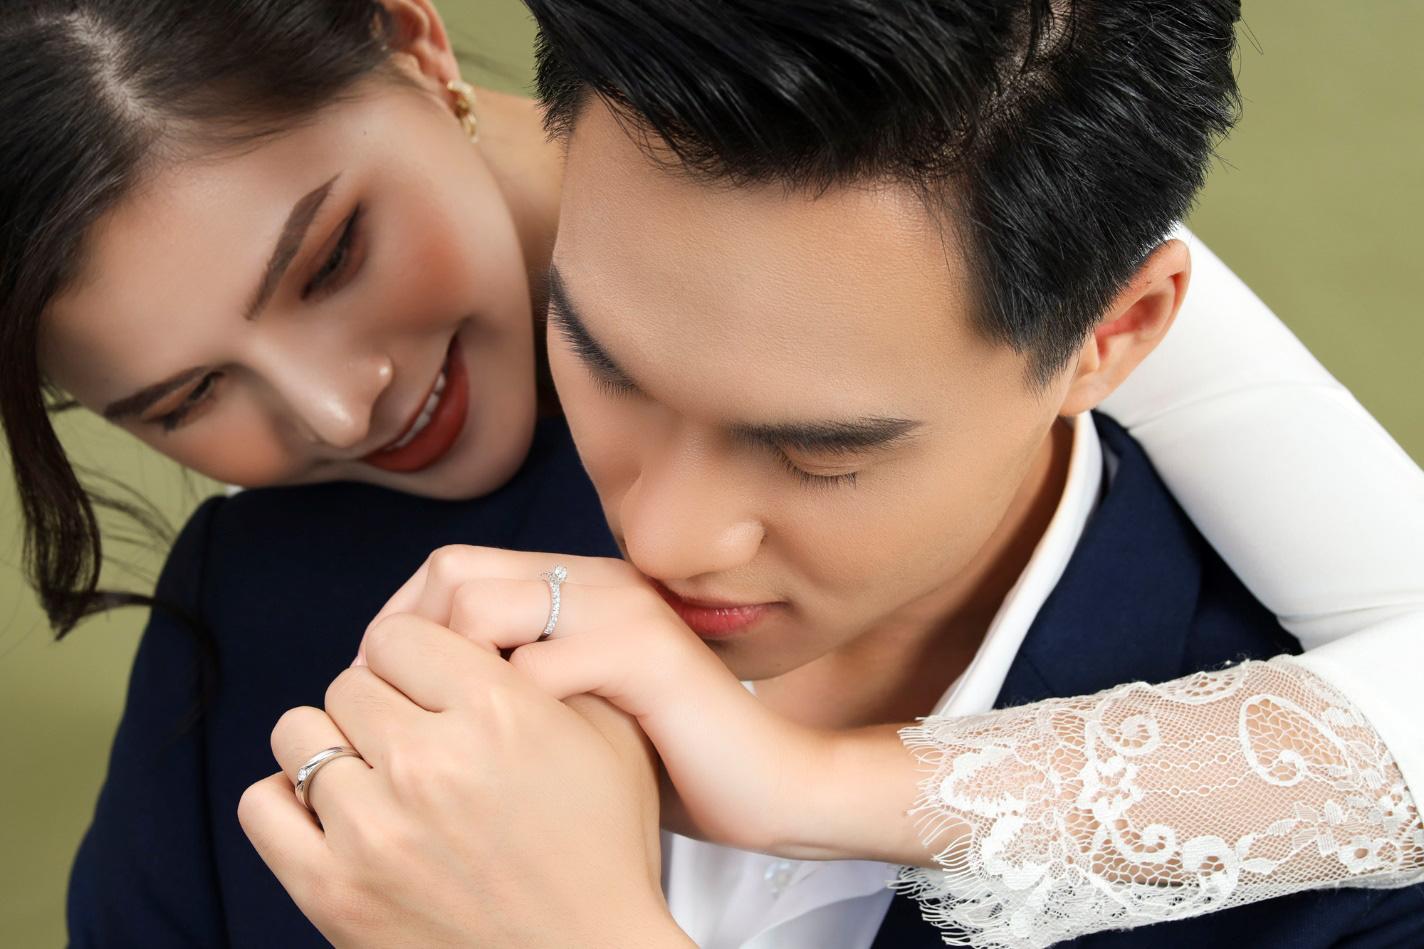 Xu hướng nhẫn cưới đơn giản và tinh tế lên ngôi đầu năm 2021 - Ảnh 1.